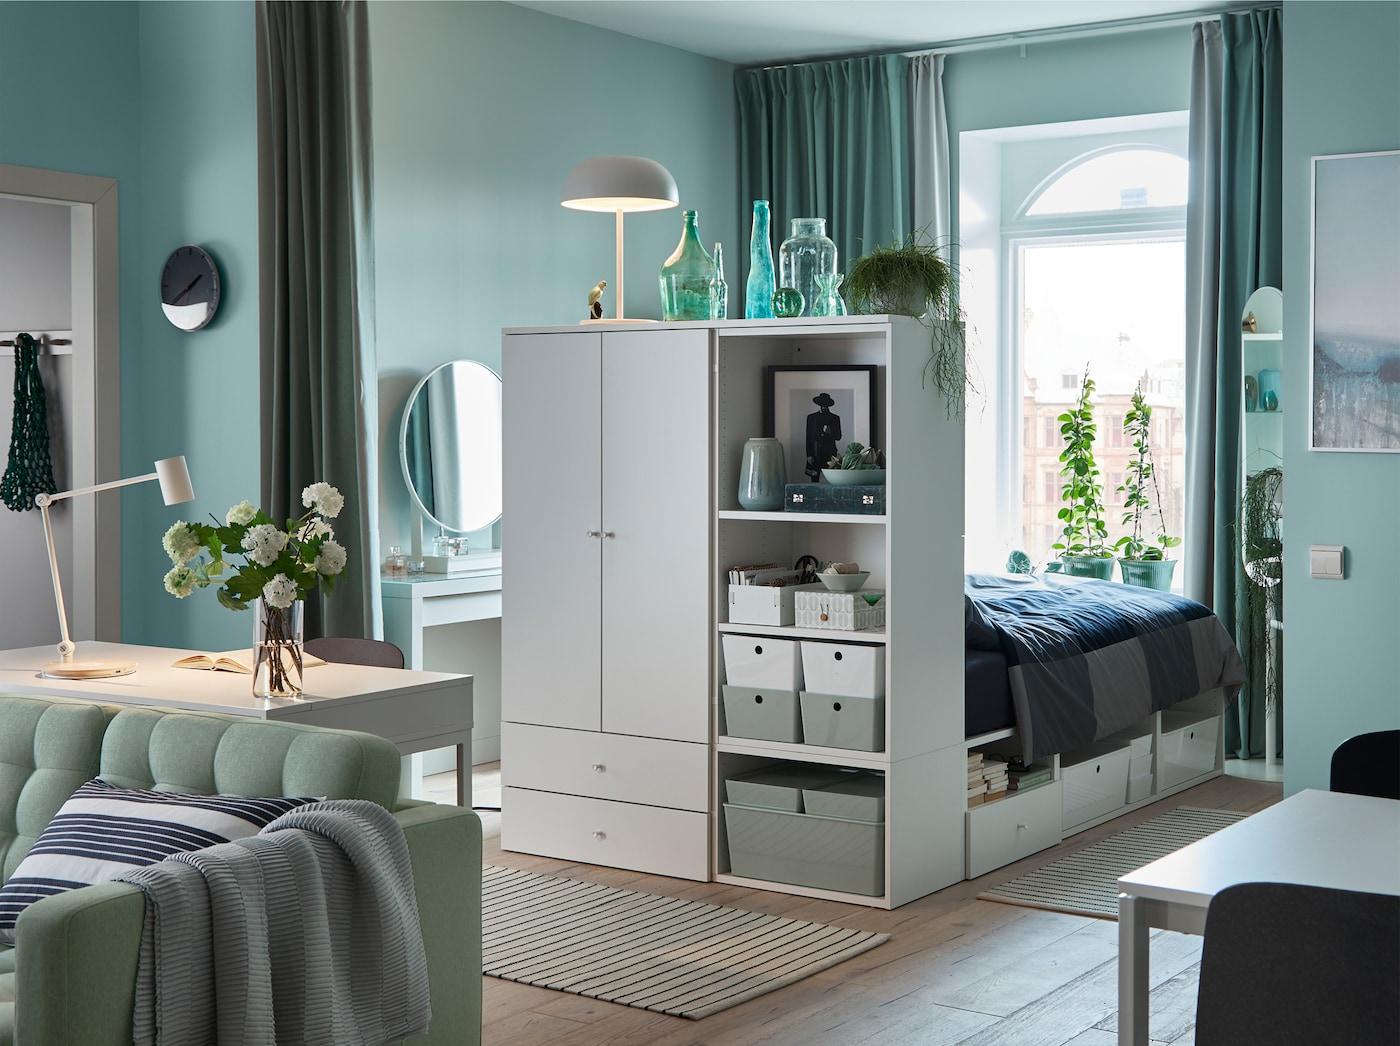 Estúdio em verde claro, ambiente calmo, com cortinados verdes, um sofá verde e uma estrutura de cama em branco com arrumação.